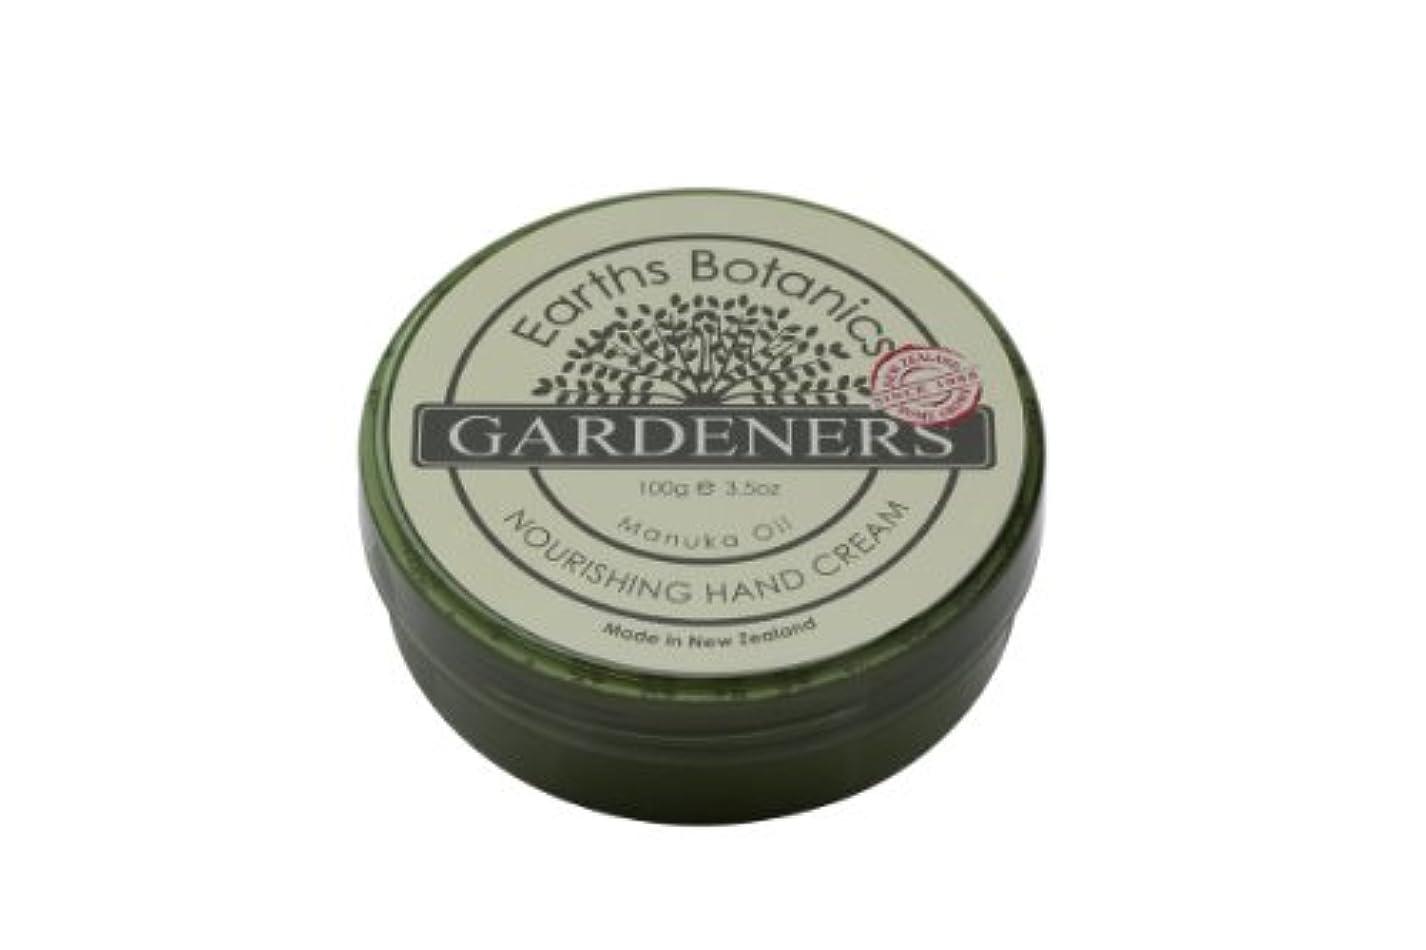 郵便局支配するヘルパーEarths Botanics GARDENERS(ガーデナーズ) ハンド&ボディクリーム 100g